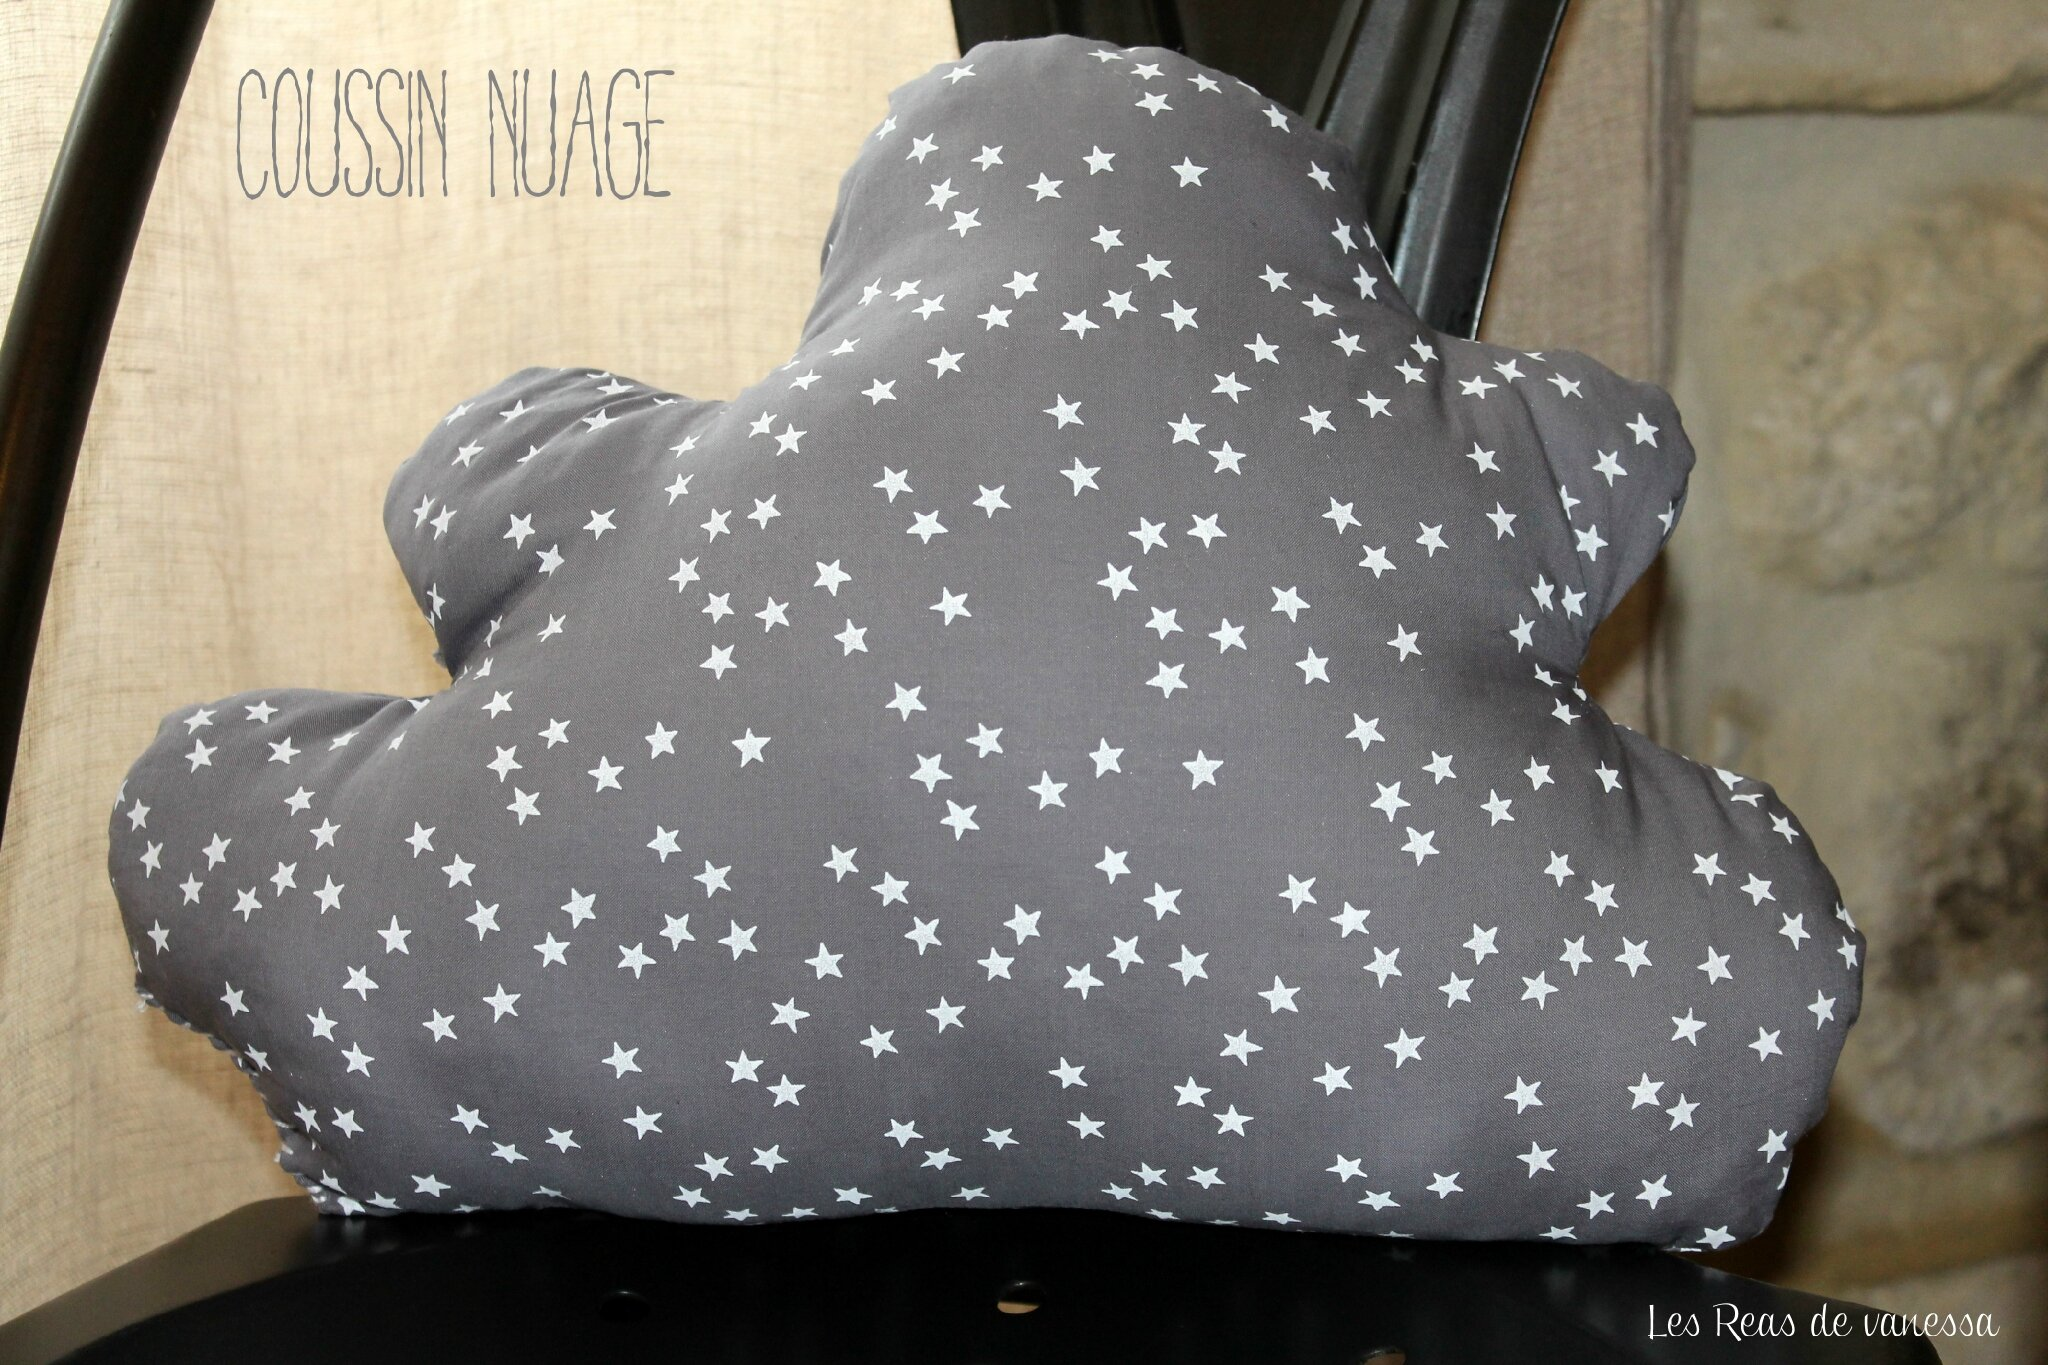 coussin nuage la maman des p 39 tits bouchons. Black Bedroom Furniture Sets. Home Design Ideas